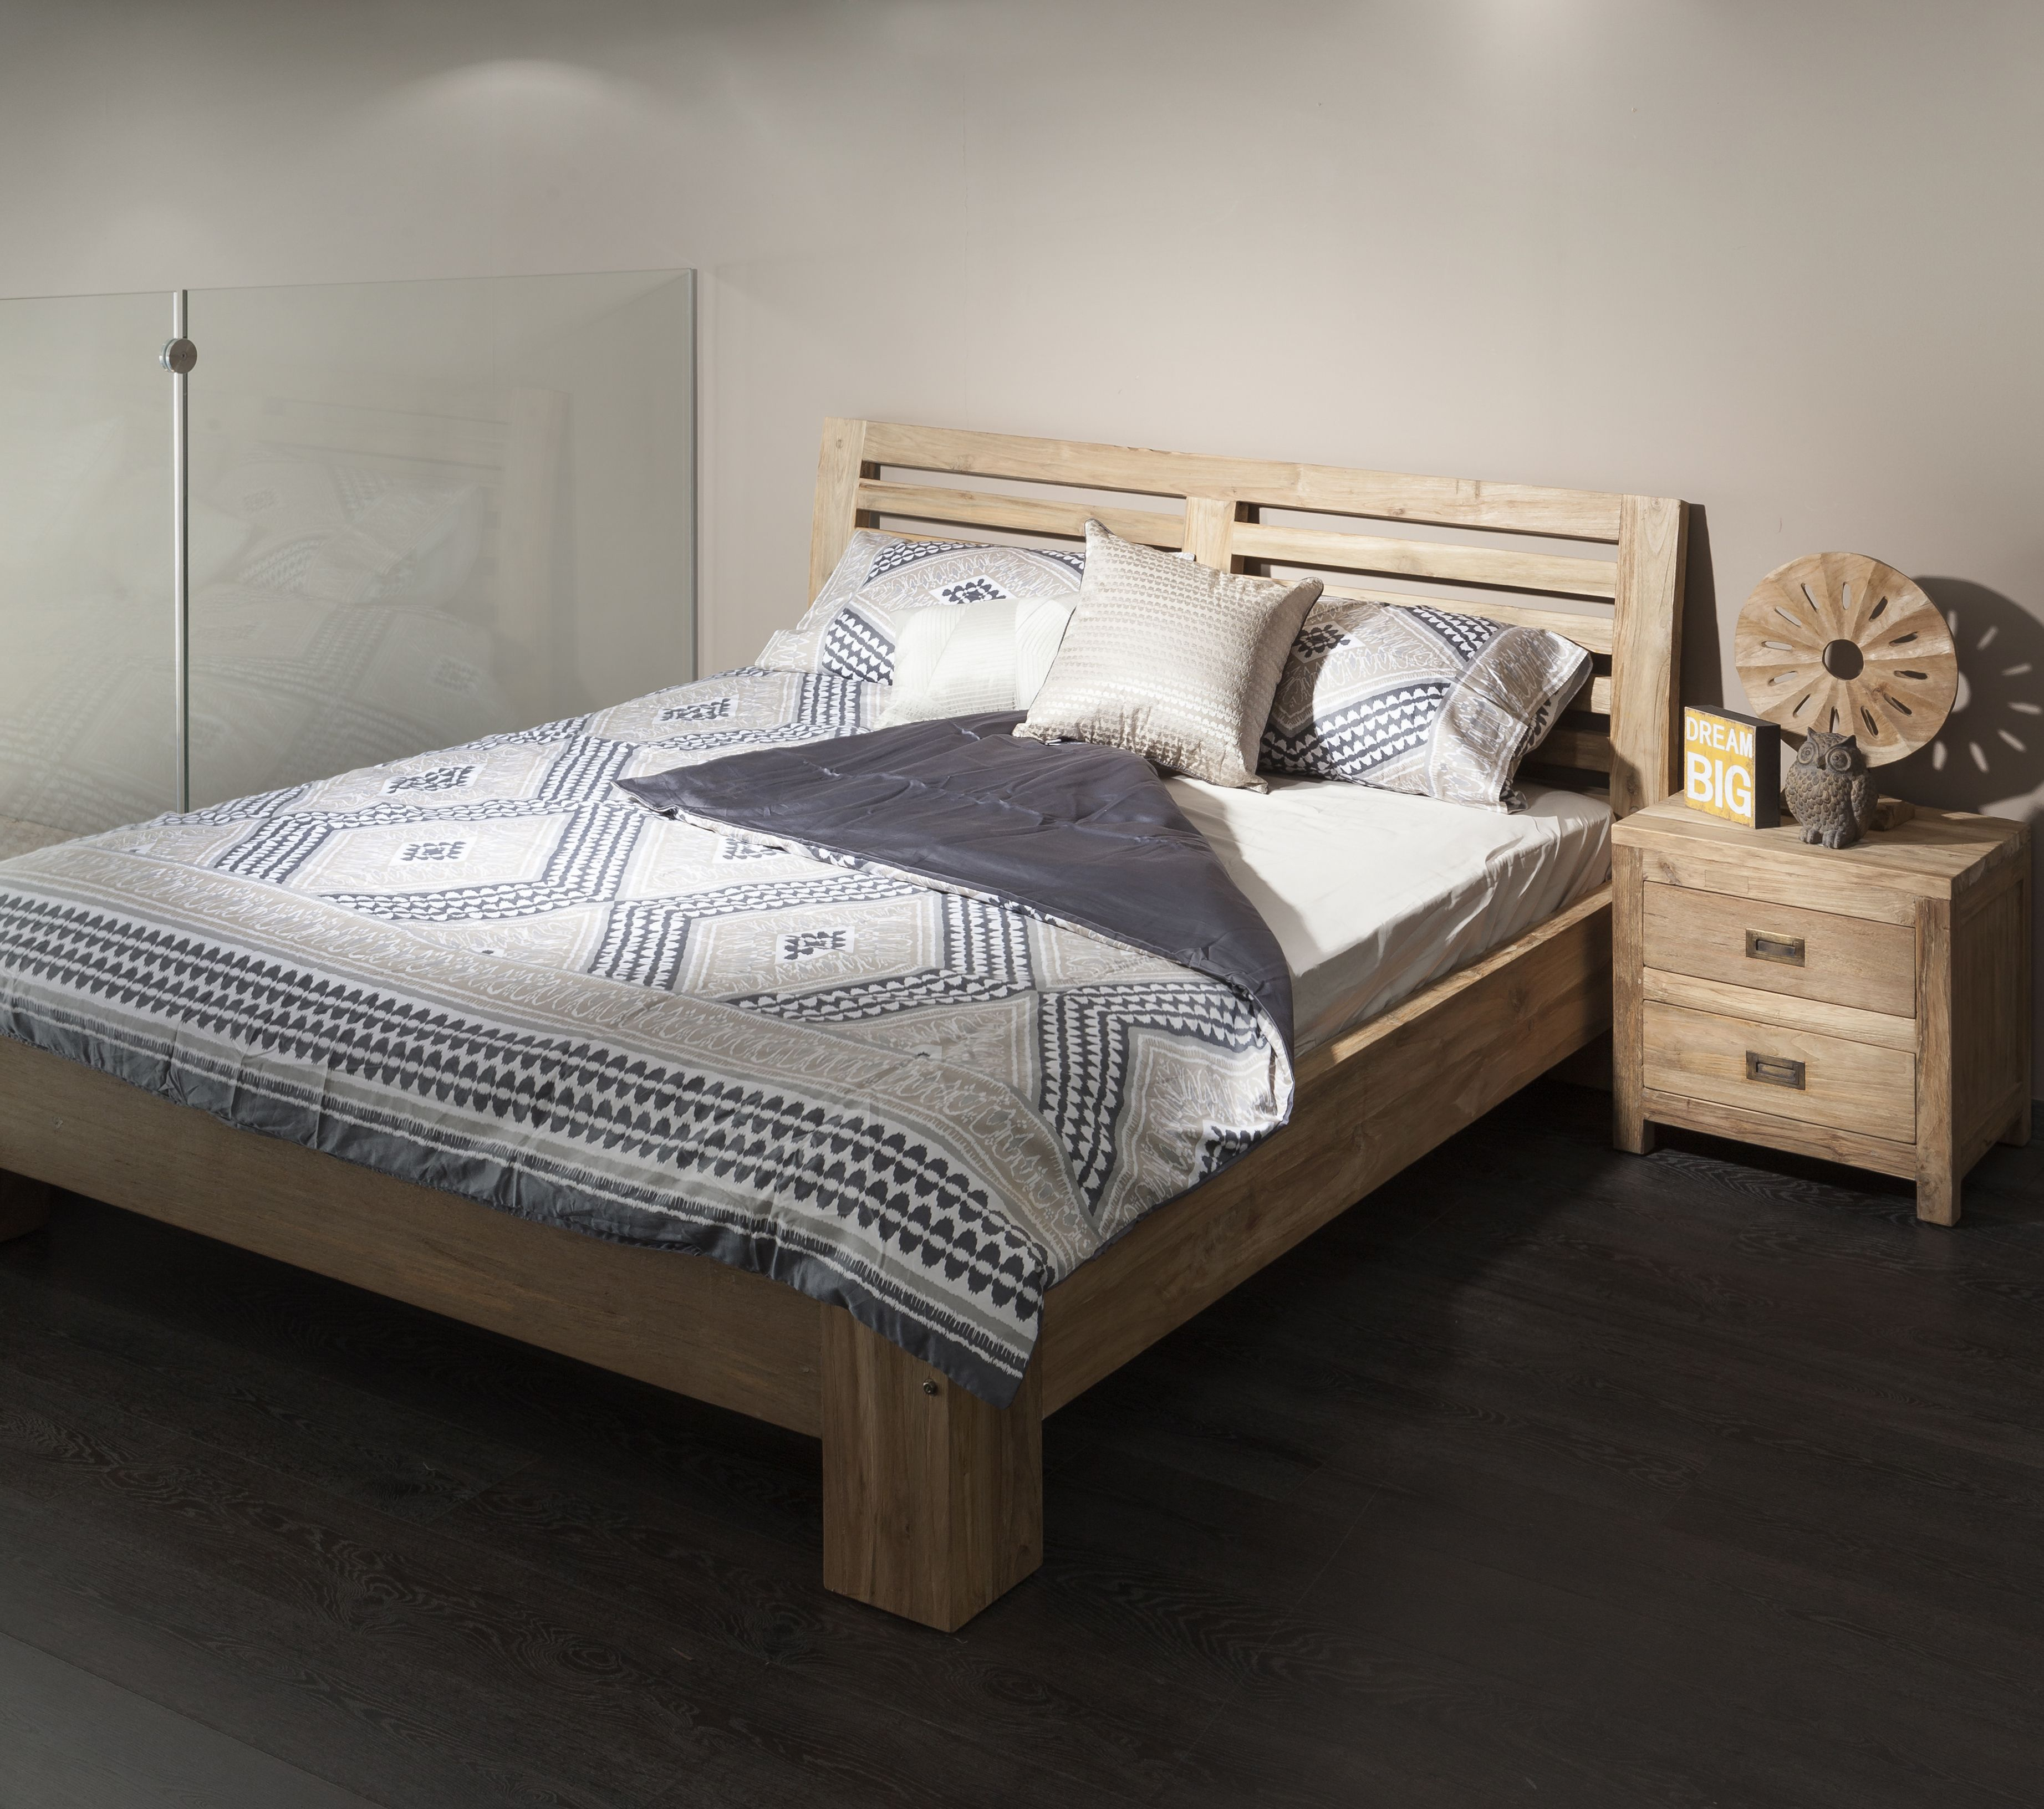 חדרי שינה מעץ מלא בסגנון כפרי Furniture, Reclaimed wood